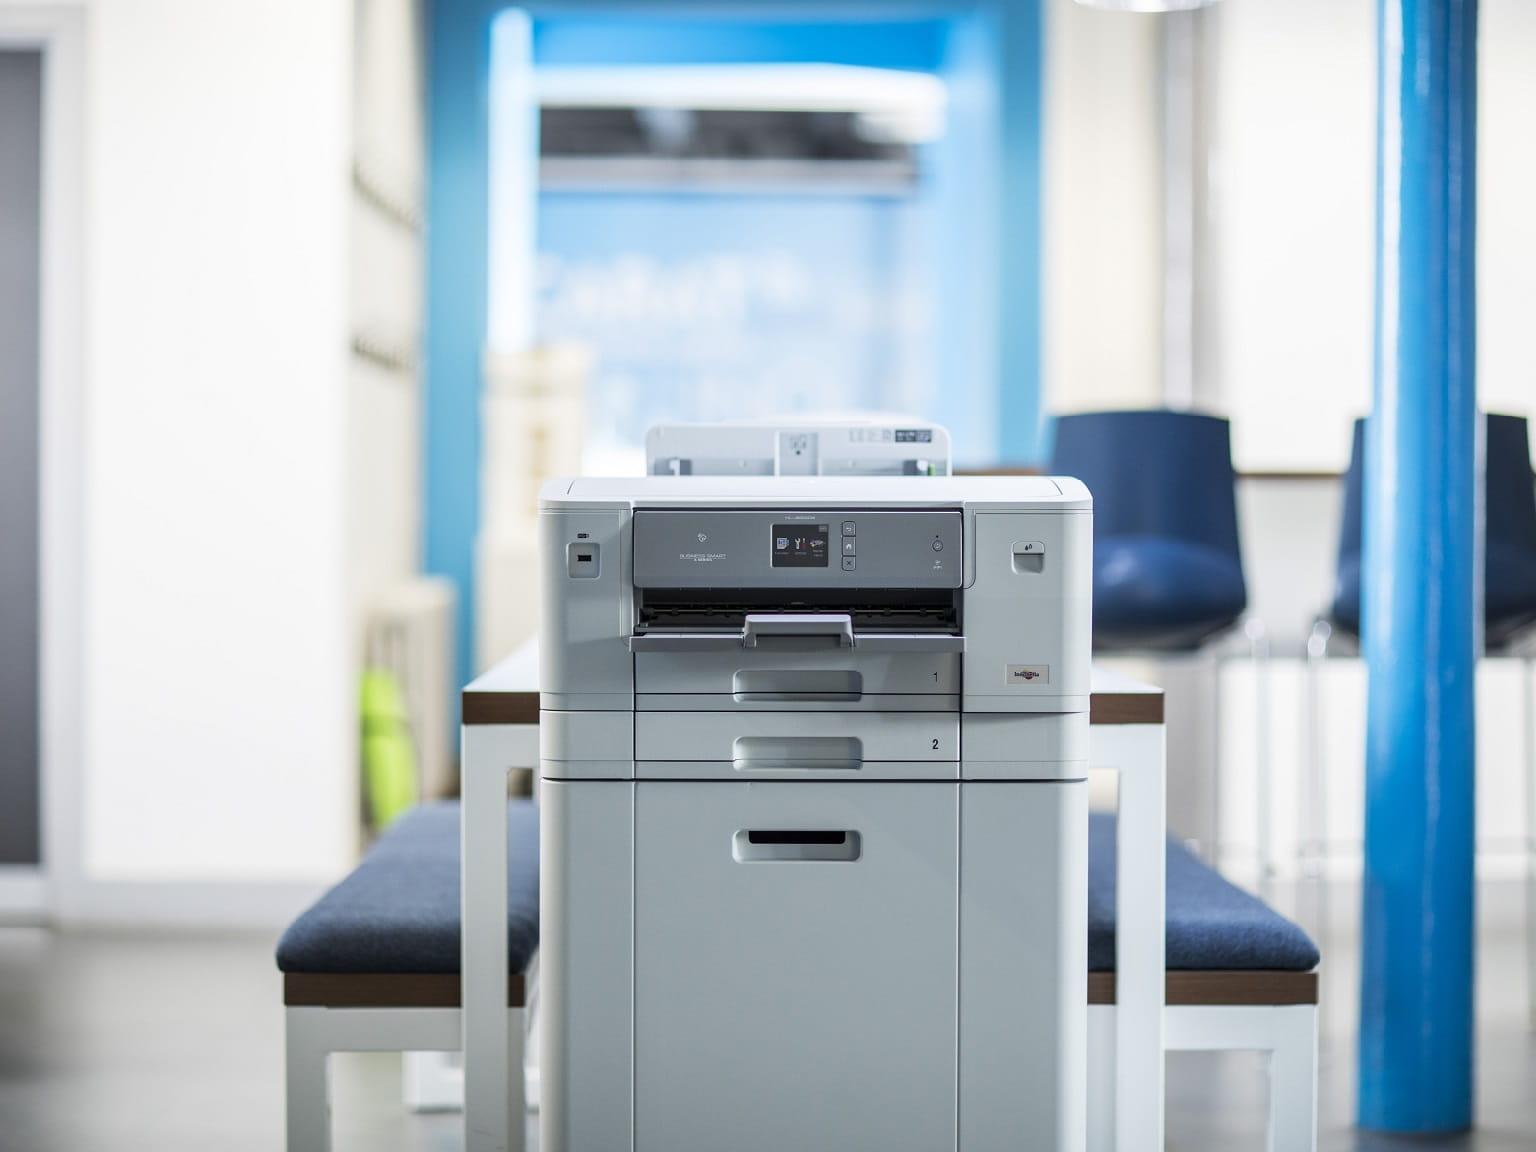 Stampante professionale a getto di inchiostro A3 Brother all'interno di un ufficio